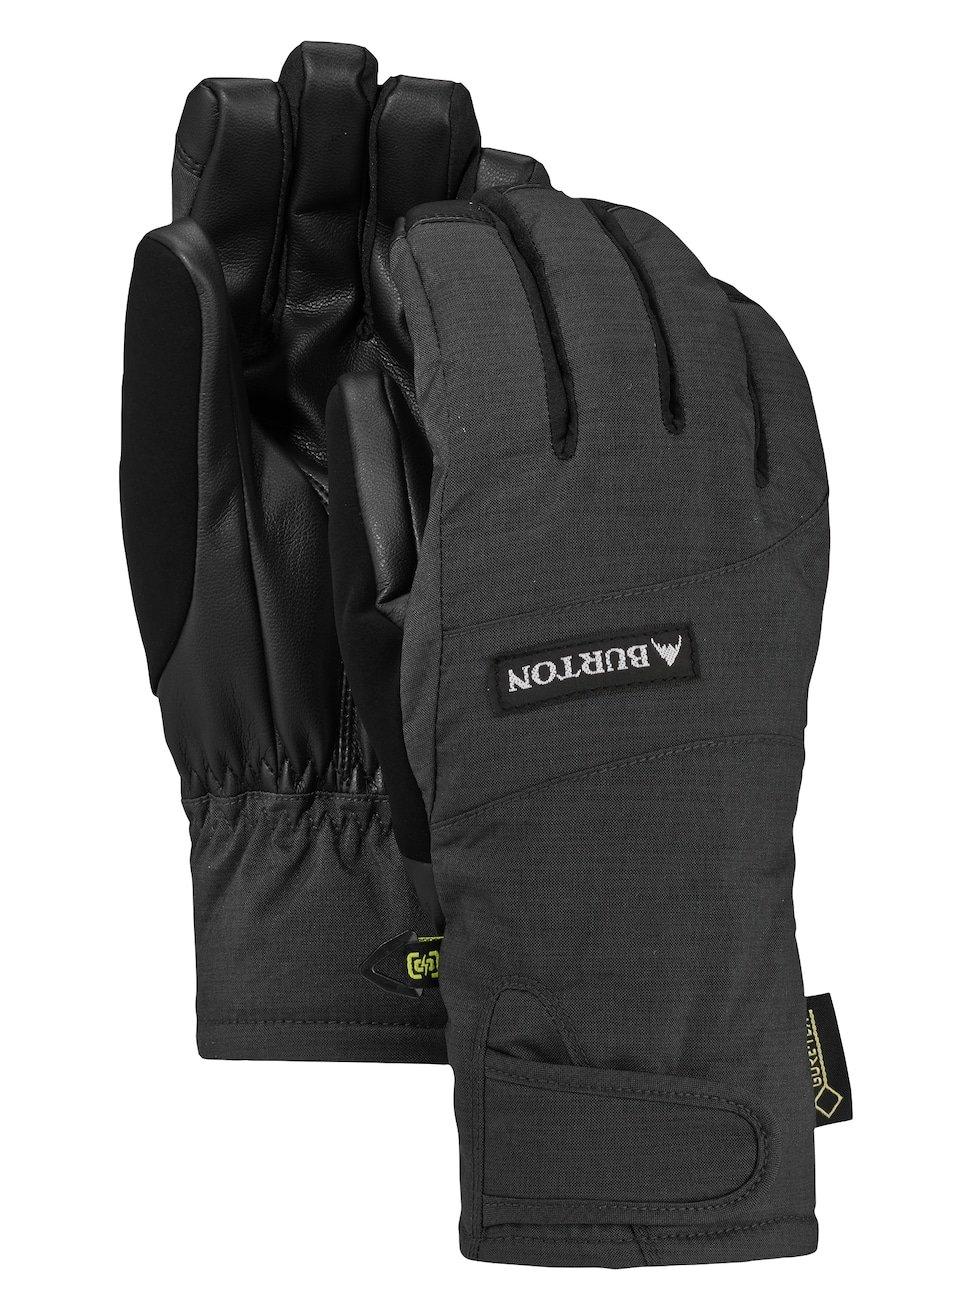 Burton Women's Reverb Gore-Tex Gloves, True Black, Large by Burton